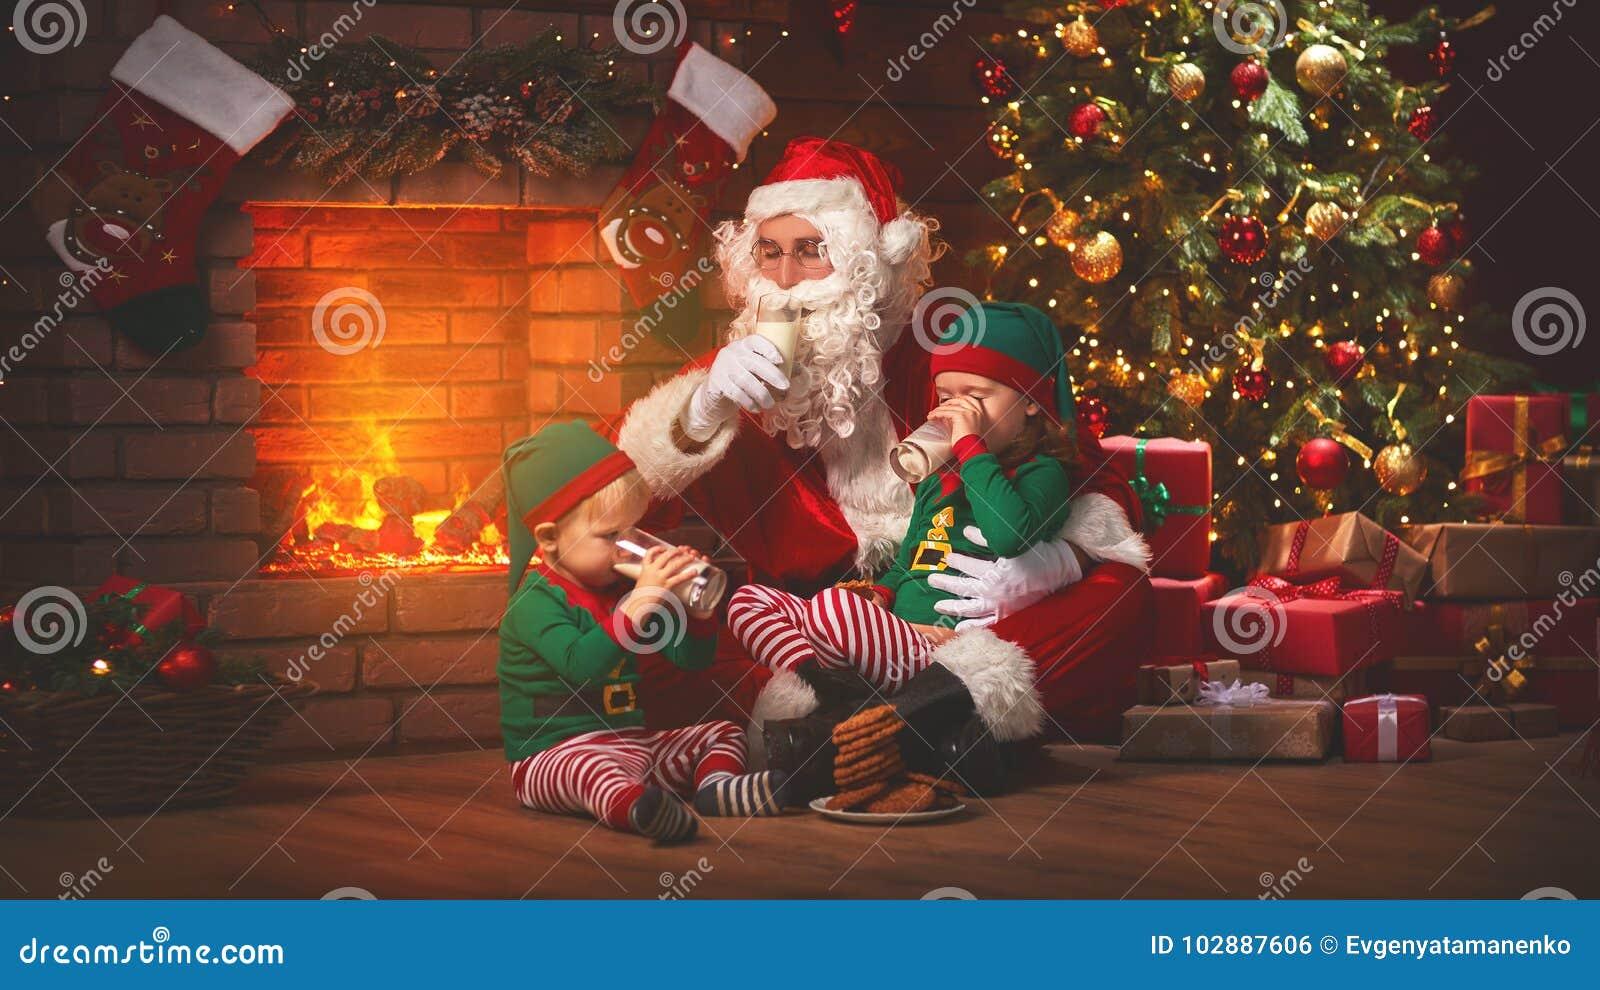 Weihnachten Santa Claus mit Elfen-Getränk-Milch und essen Plätzchen